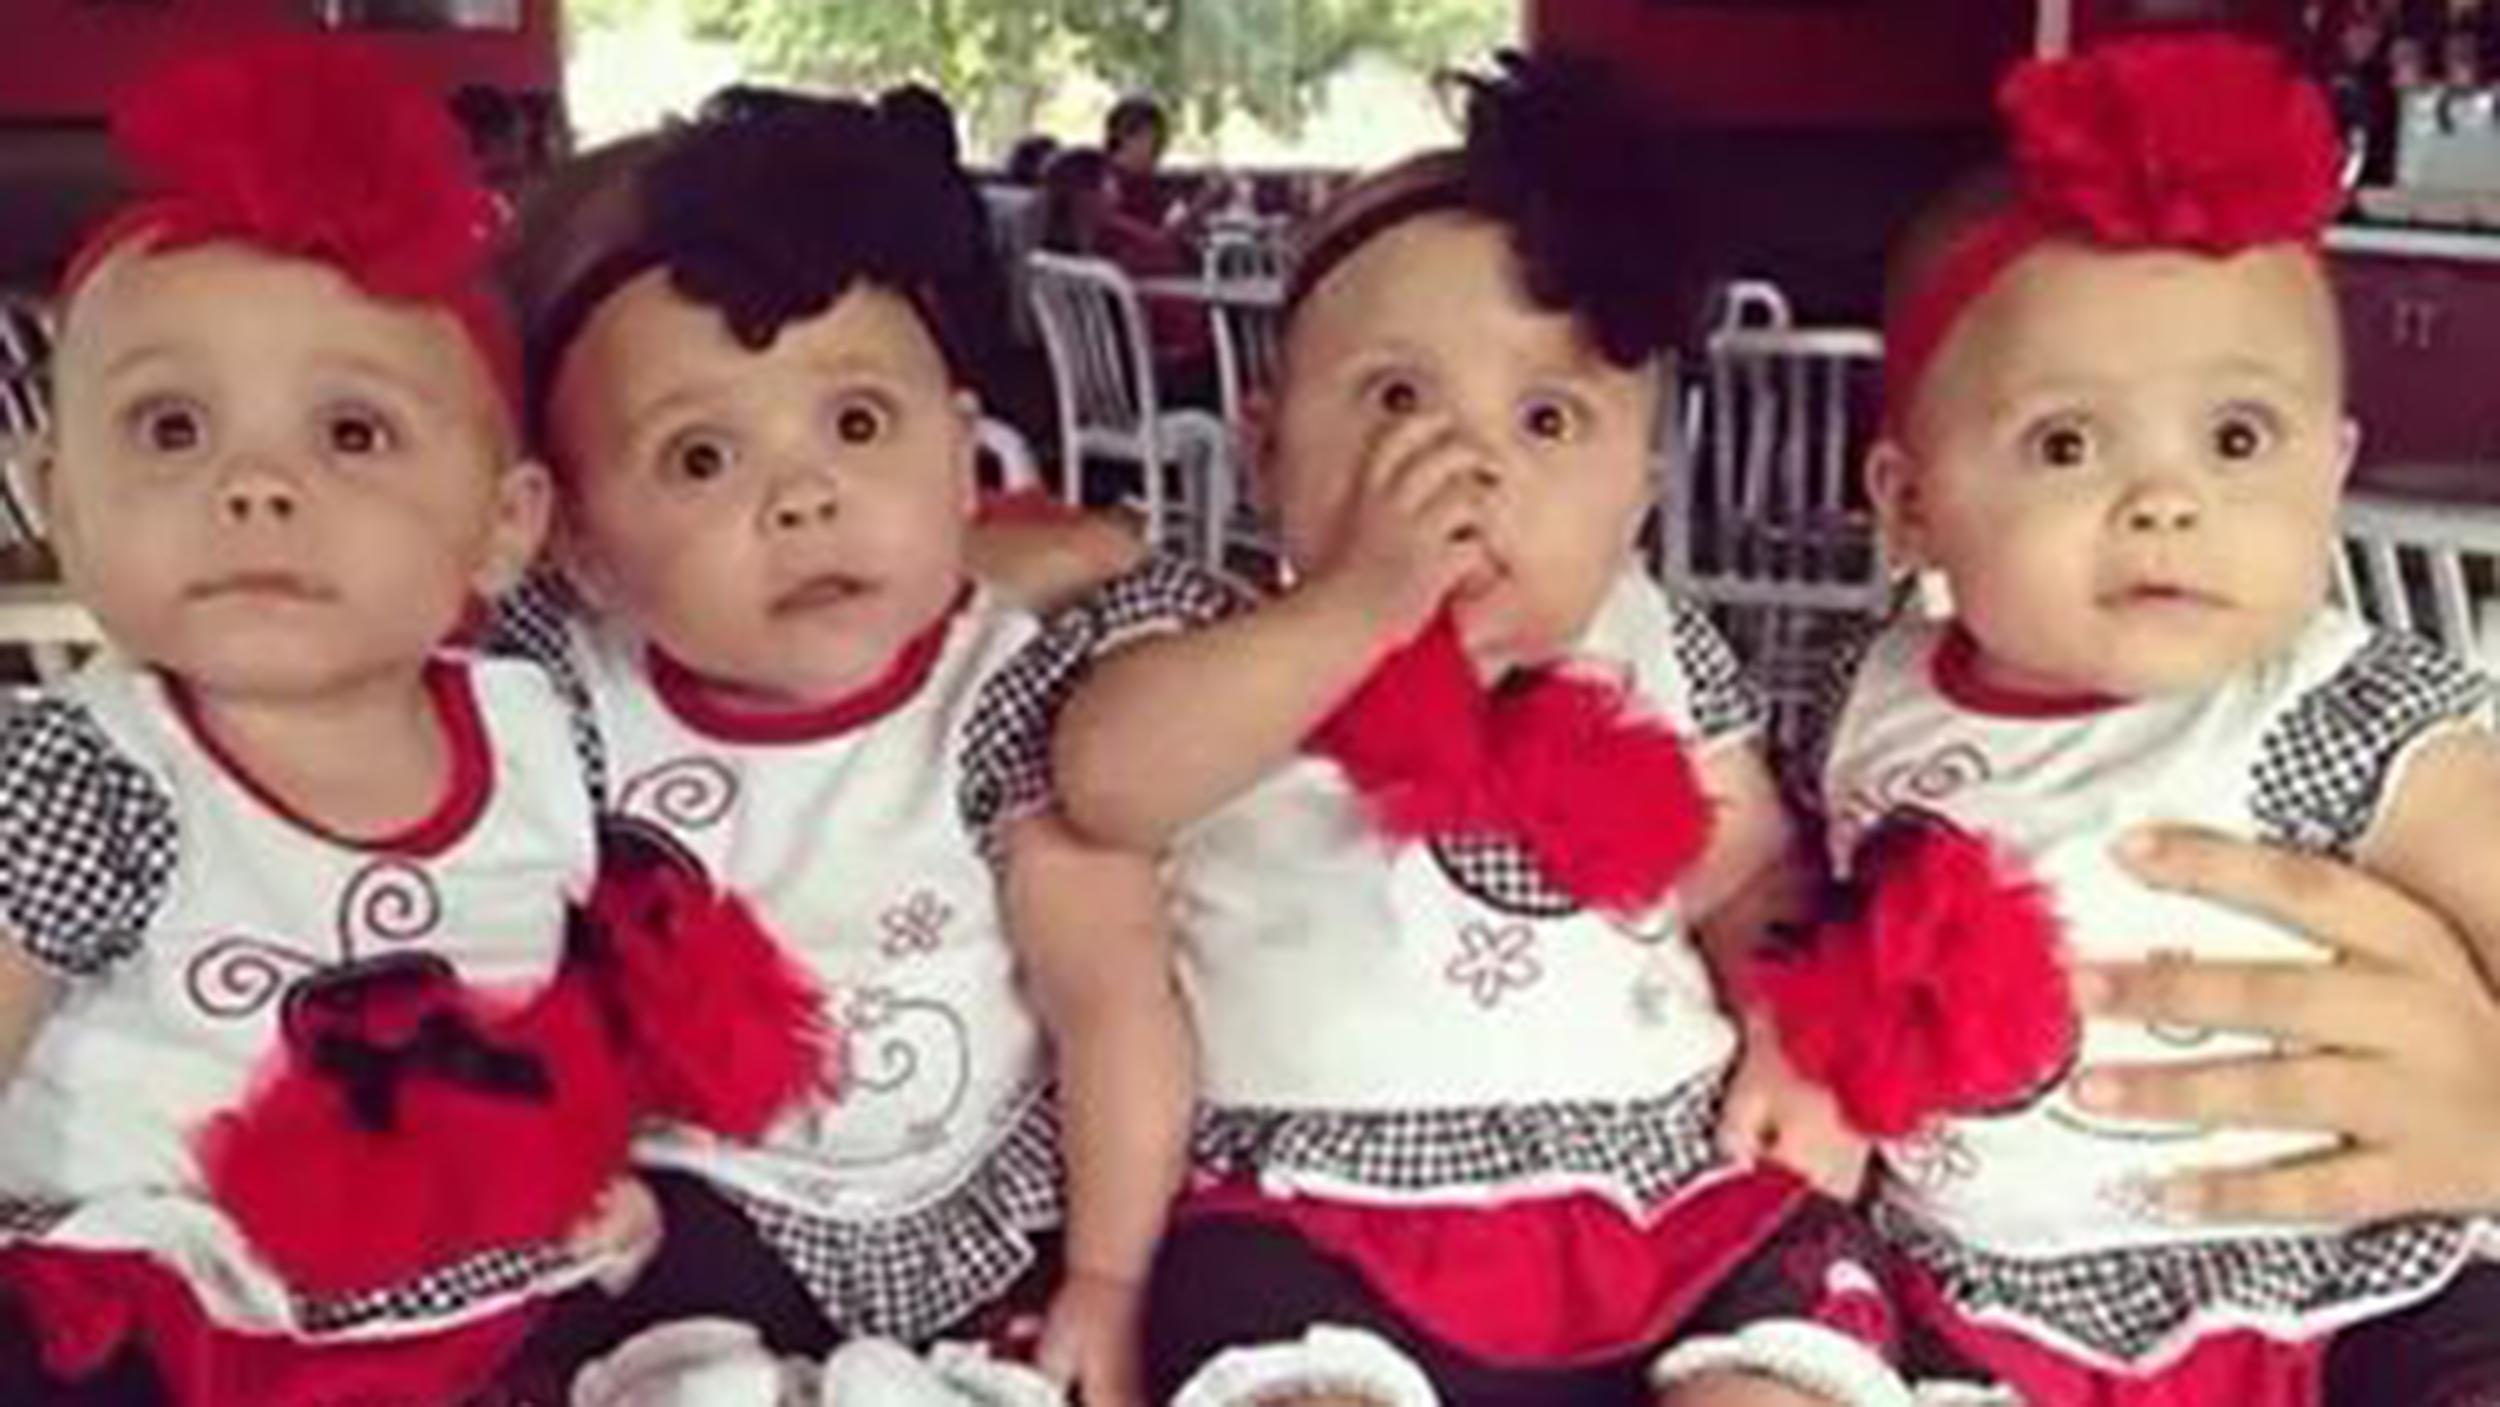 Identical Quadruplets